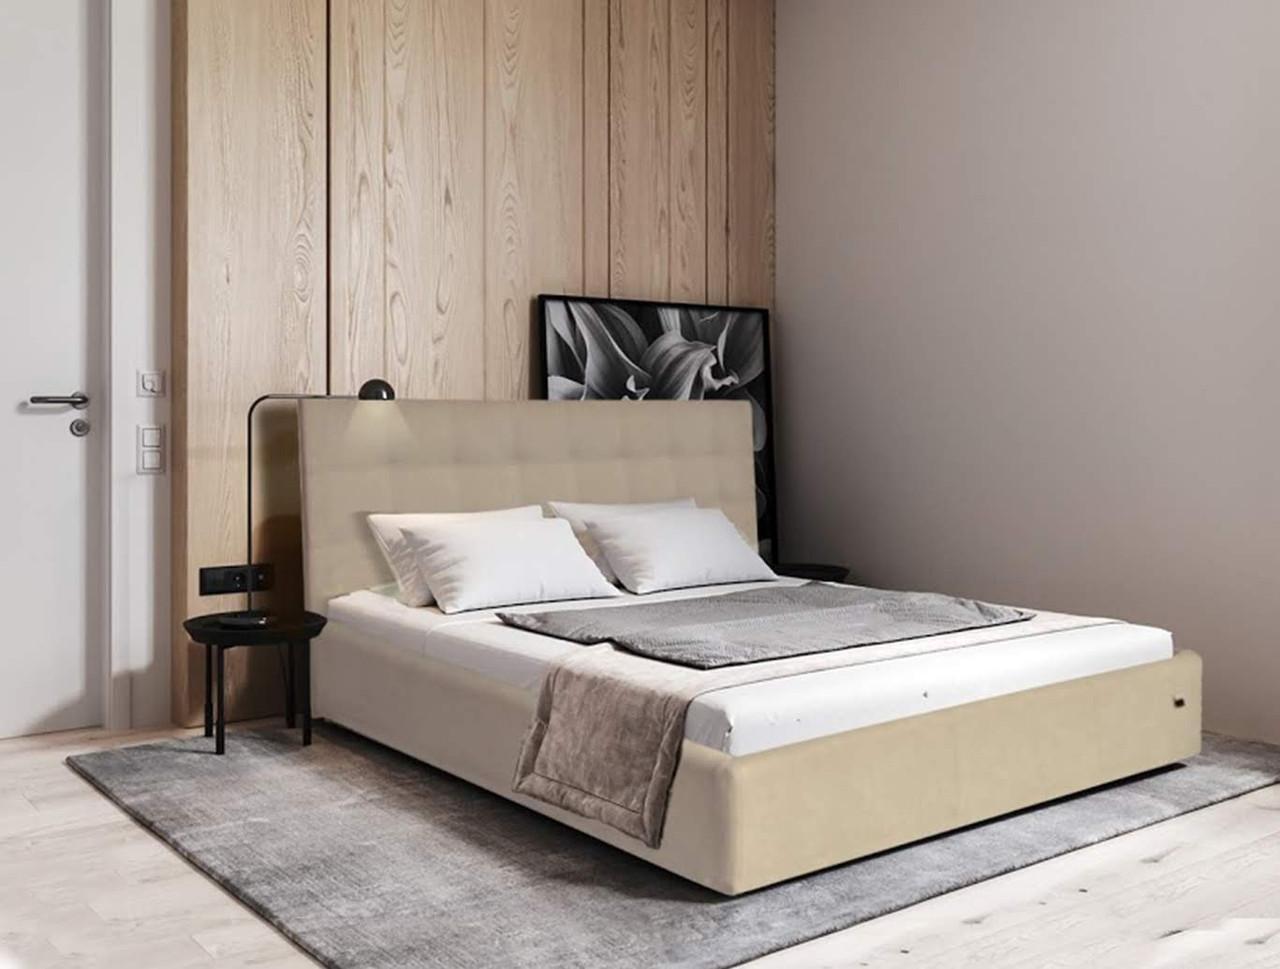 Кровать Richman Честер 120 х 190 см Флай 2207 A1 Бежевая